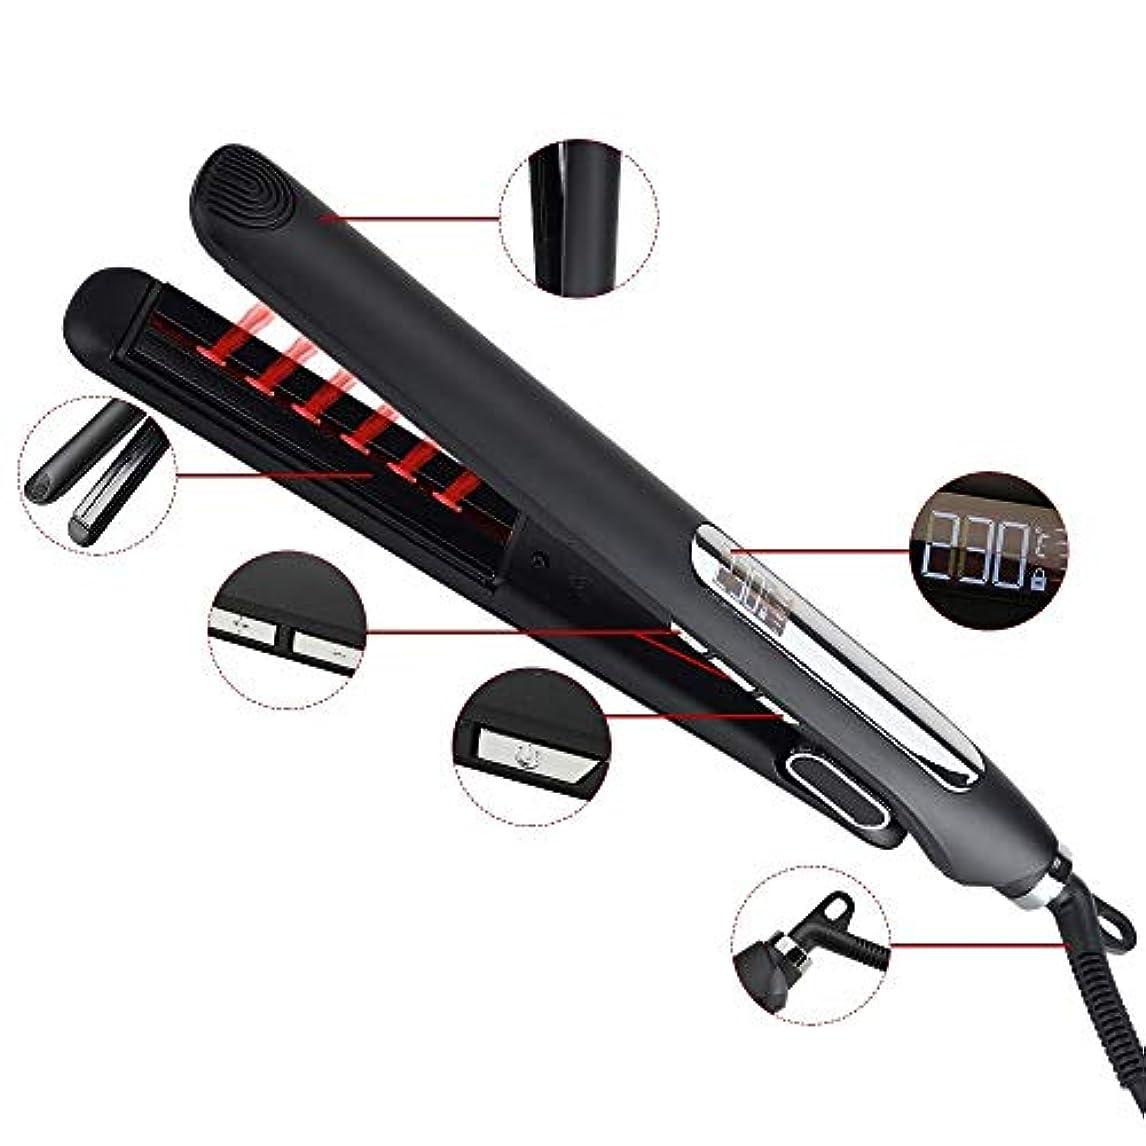 かどうか準備するストラトフォードオンエイボン赤外線ストレートヘアアイロンセラミック電気スプリント、2ストレートヘアアイロン、カーリングアイロン モデリングツール (色 : 黒)